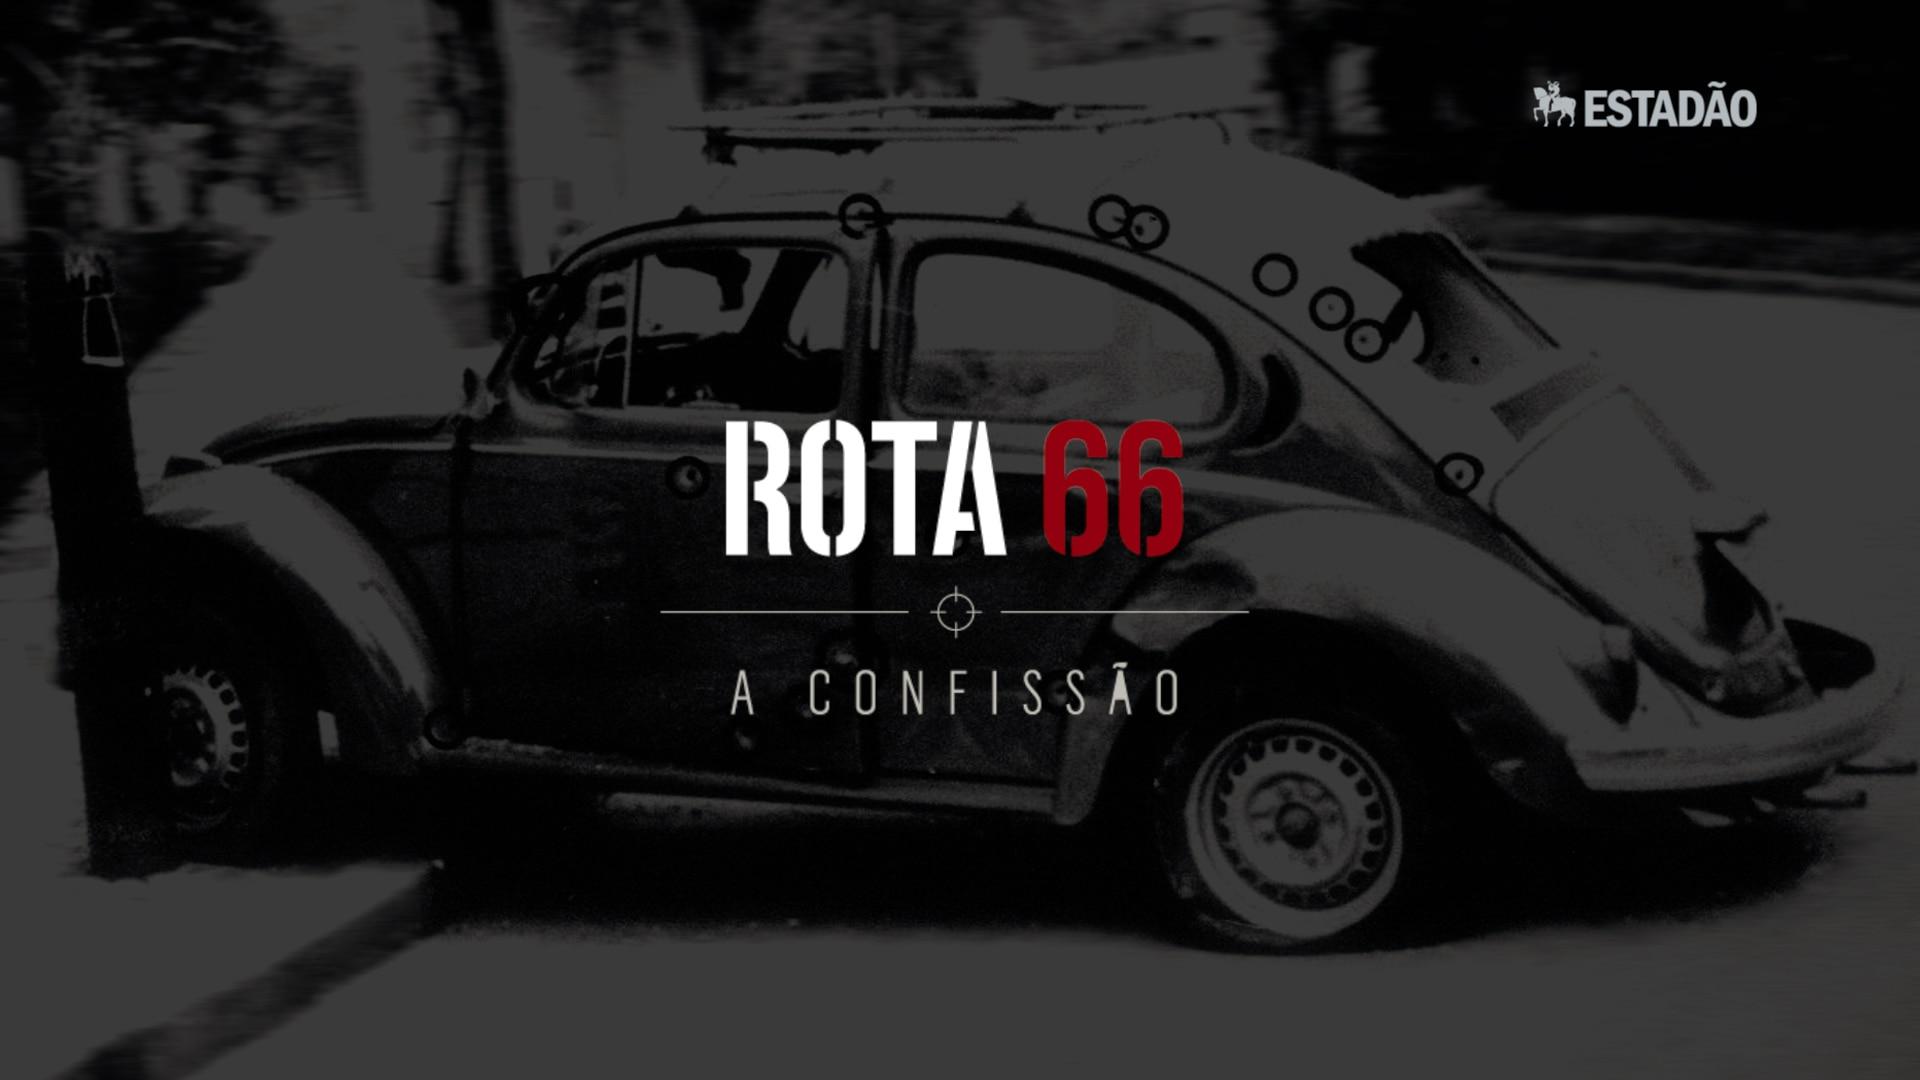 Rota 66, a confissão